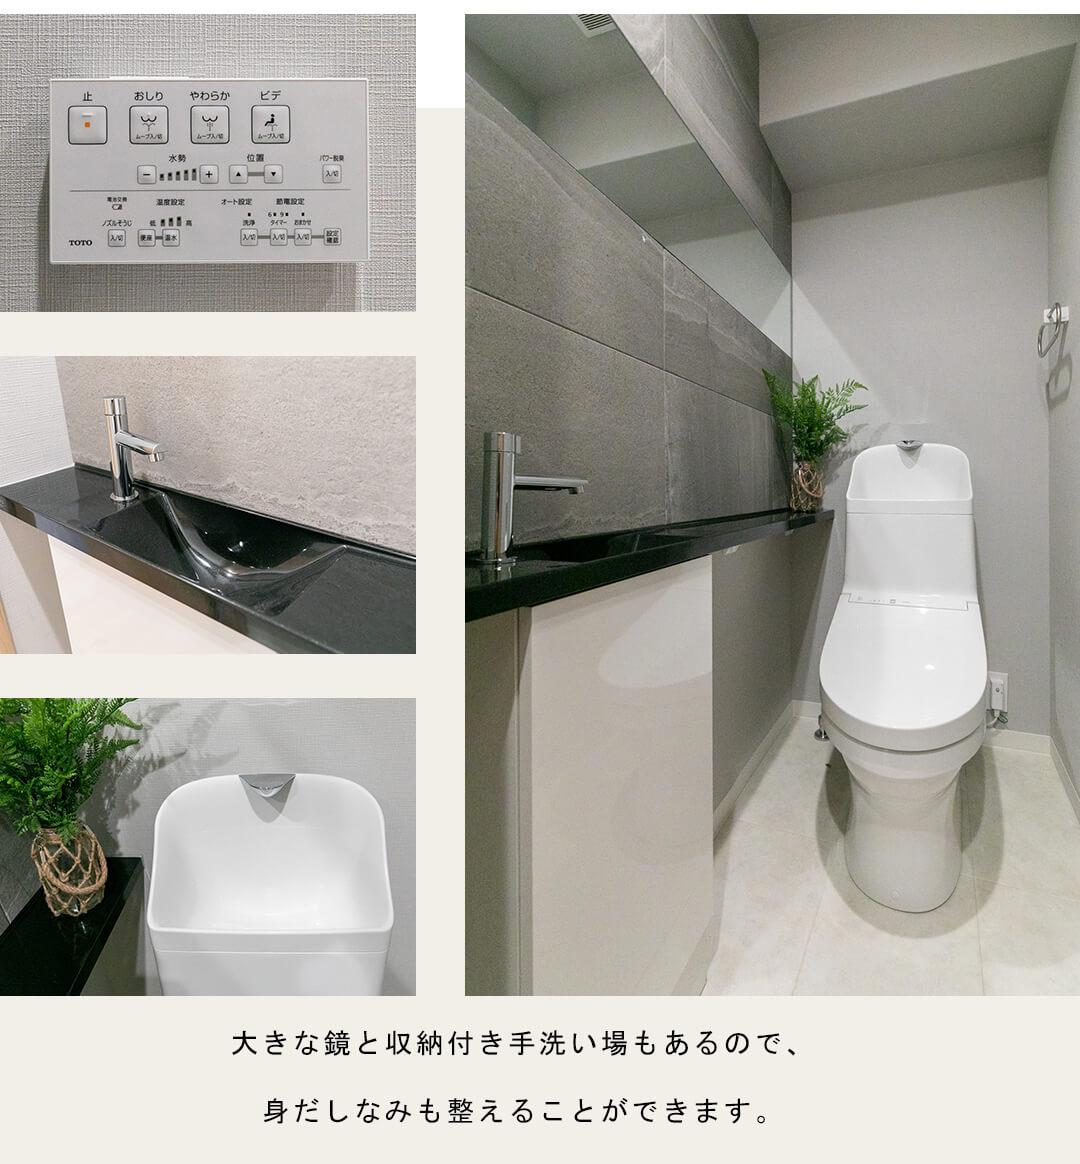 朝日シティパリオ高輪台A館のトイレ